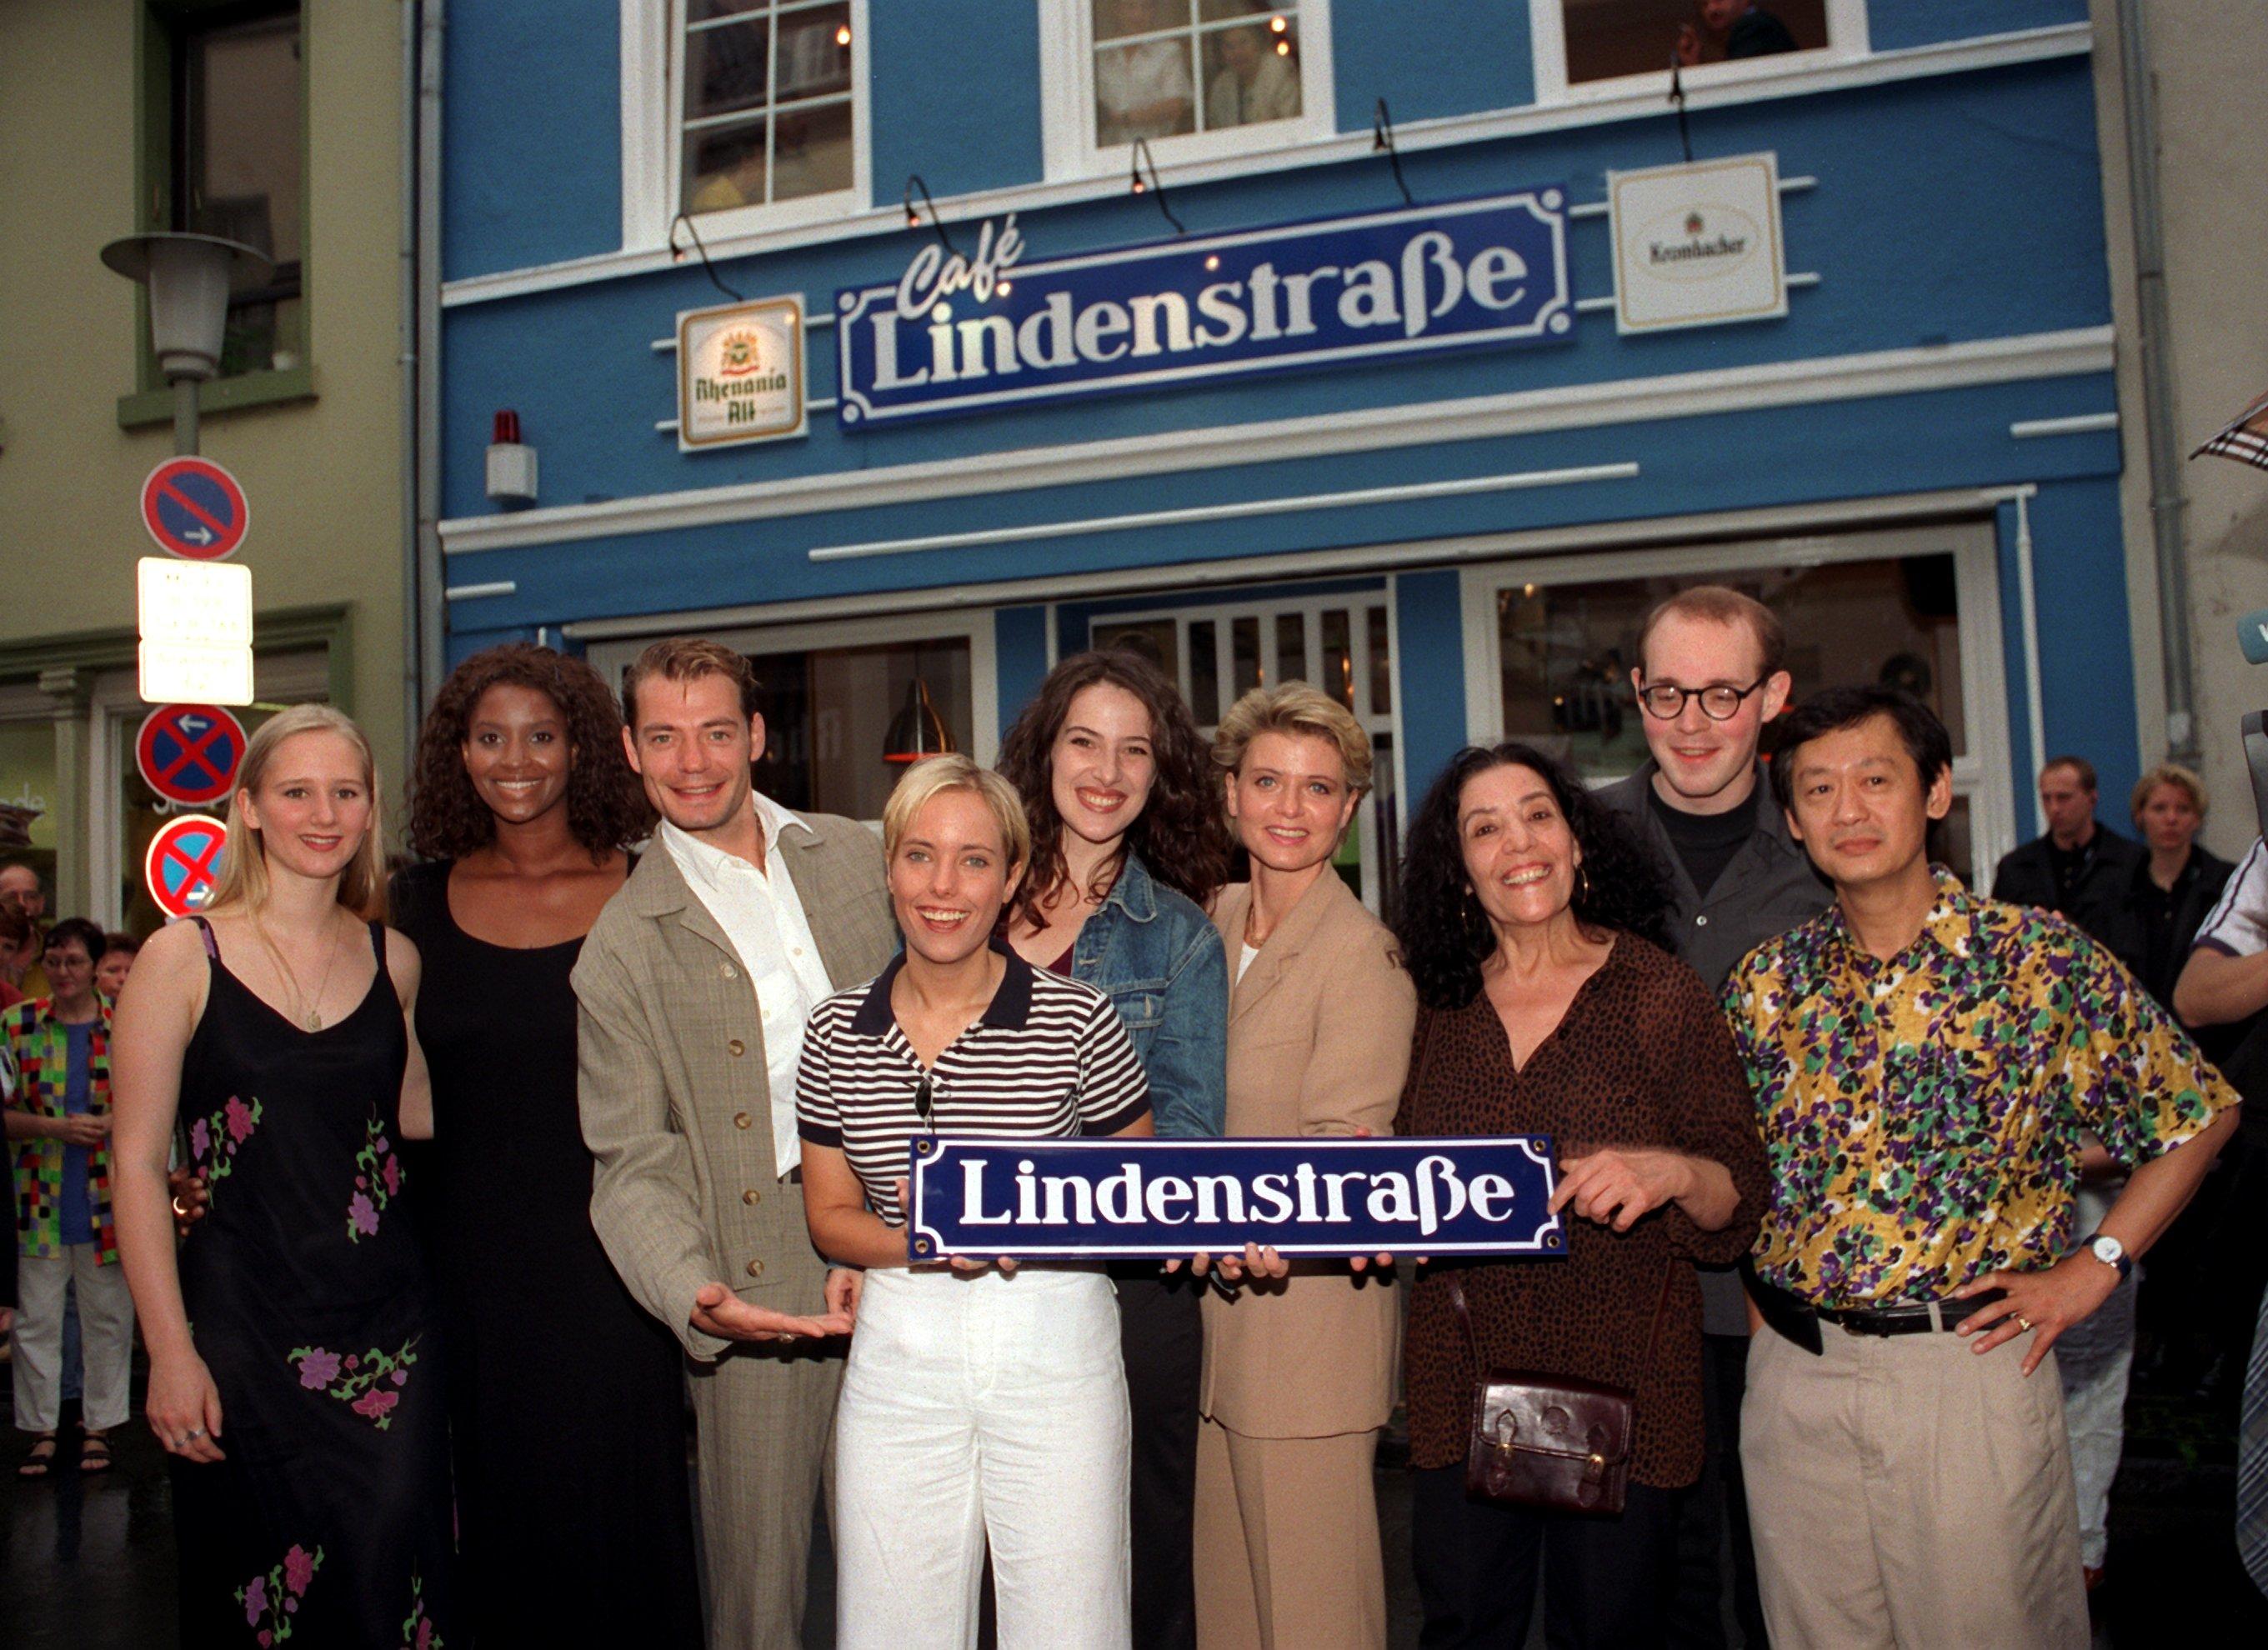 Die Darsteller der ARD-Serie 'Lindenstraße' (l-r) Sontje Peplow (Lisa), Liz Baffoe (Marie), David Wilms (Theo Klages), Nadin